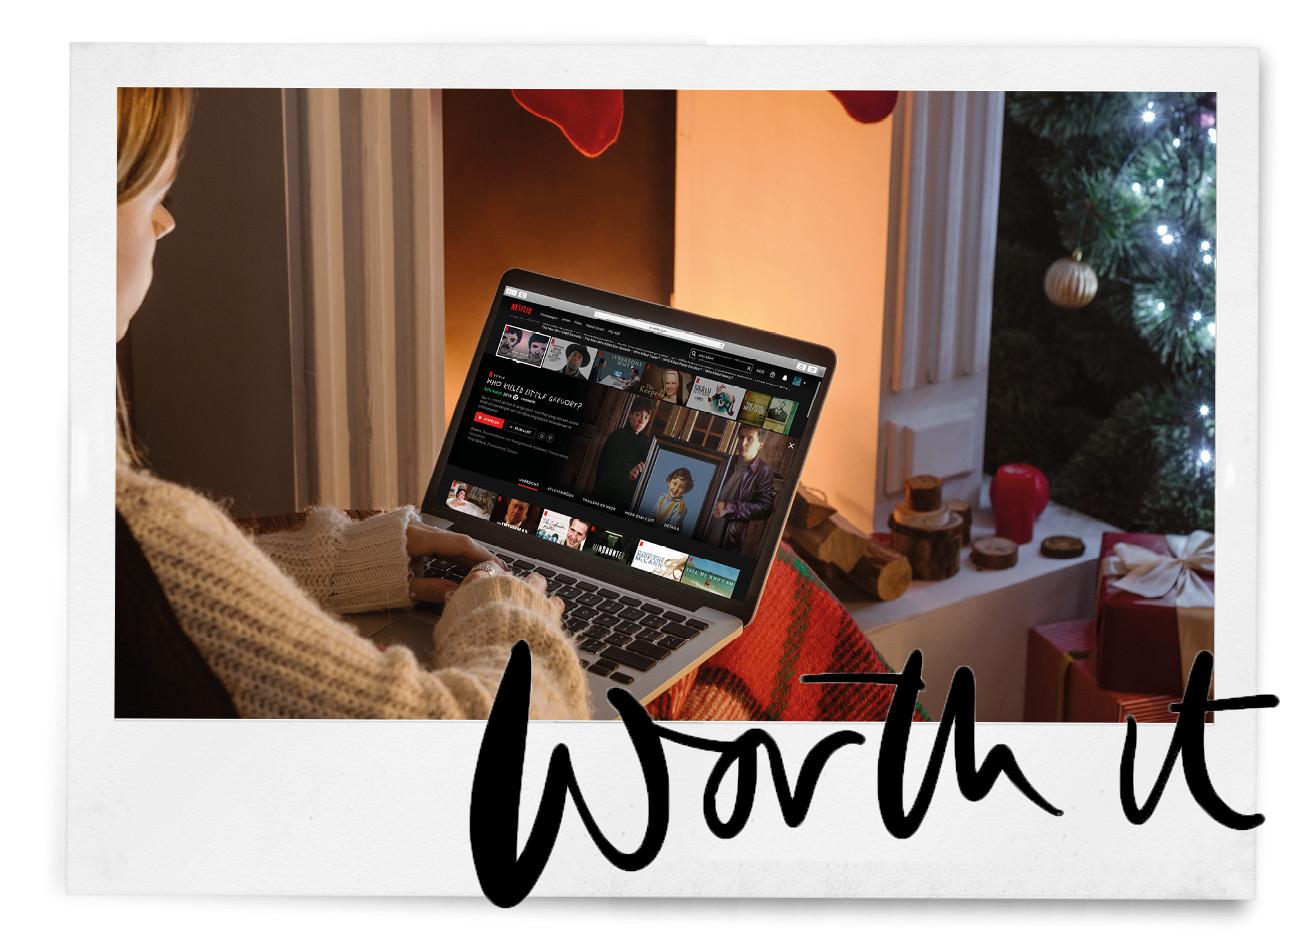 eenmeisje dat op haar laptop een serie kijkt